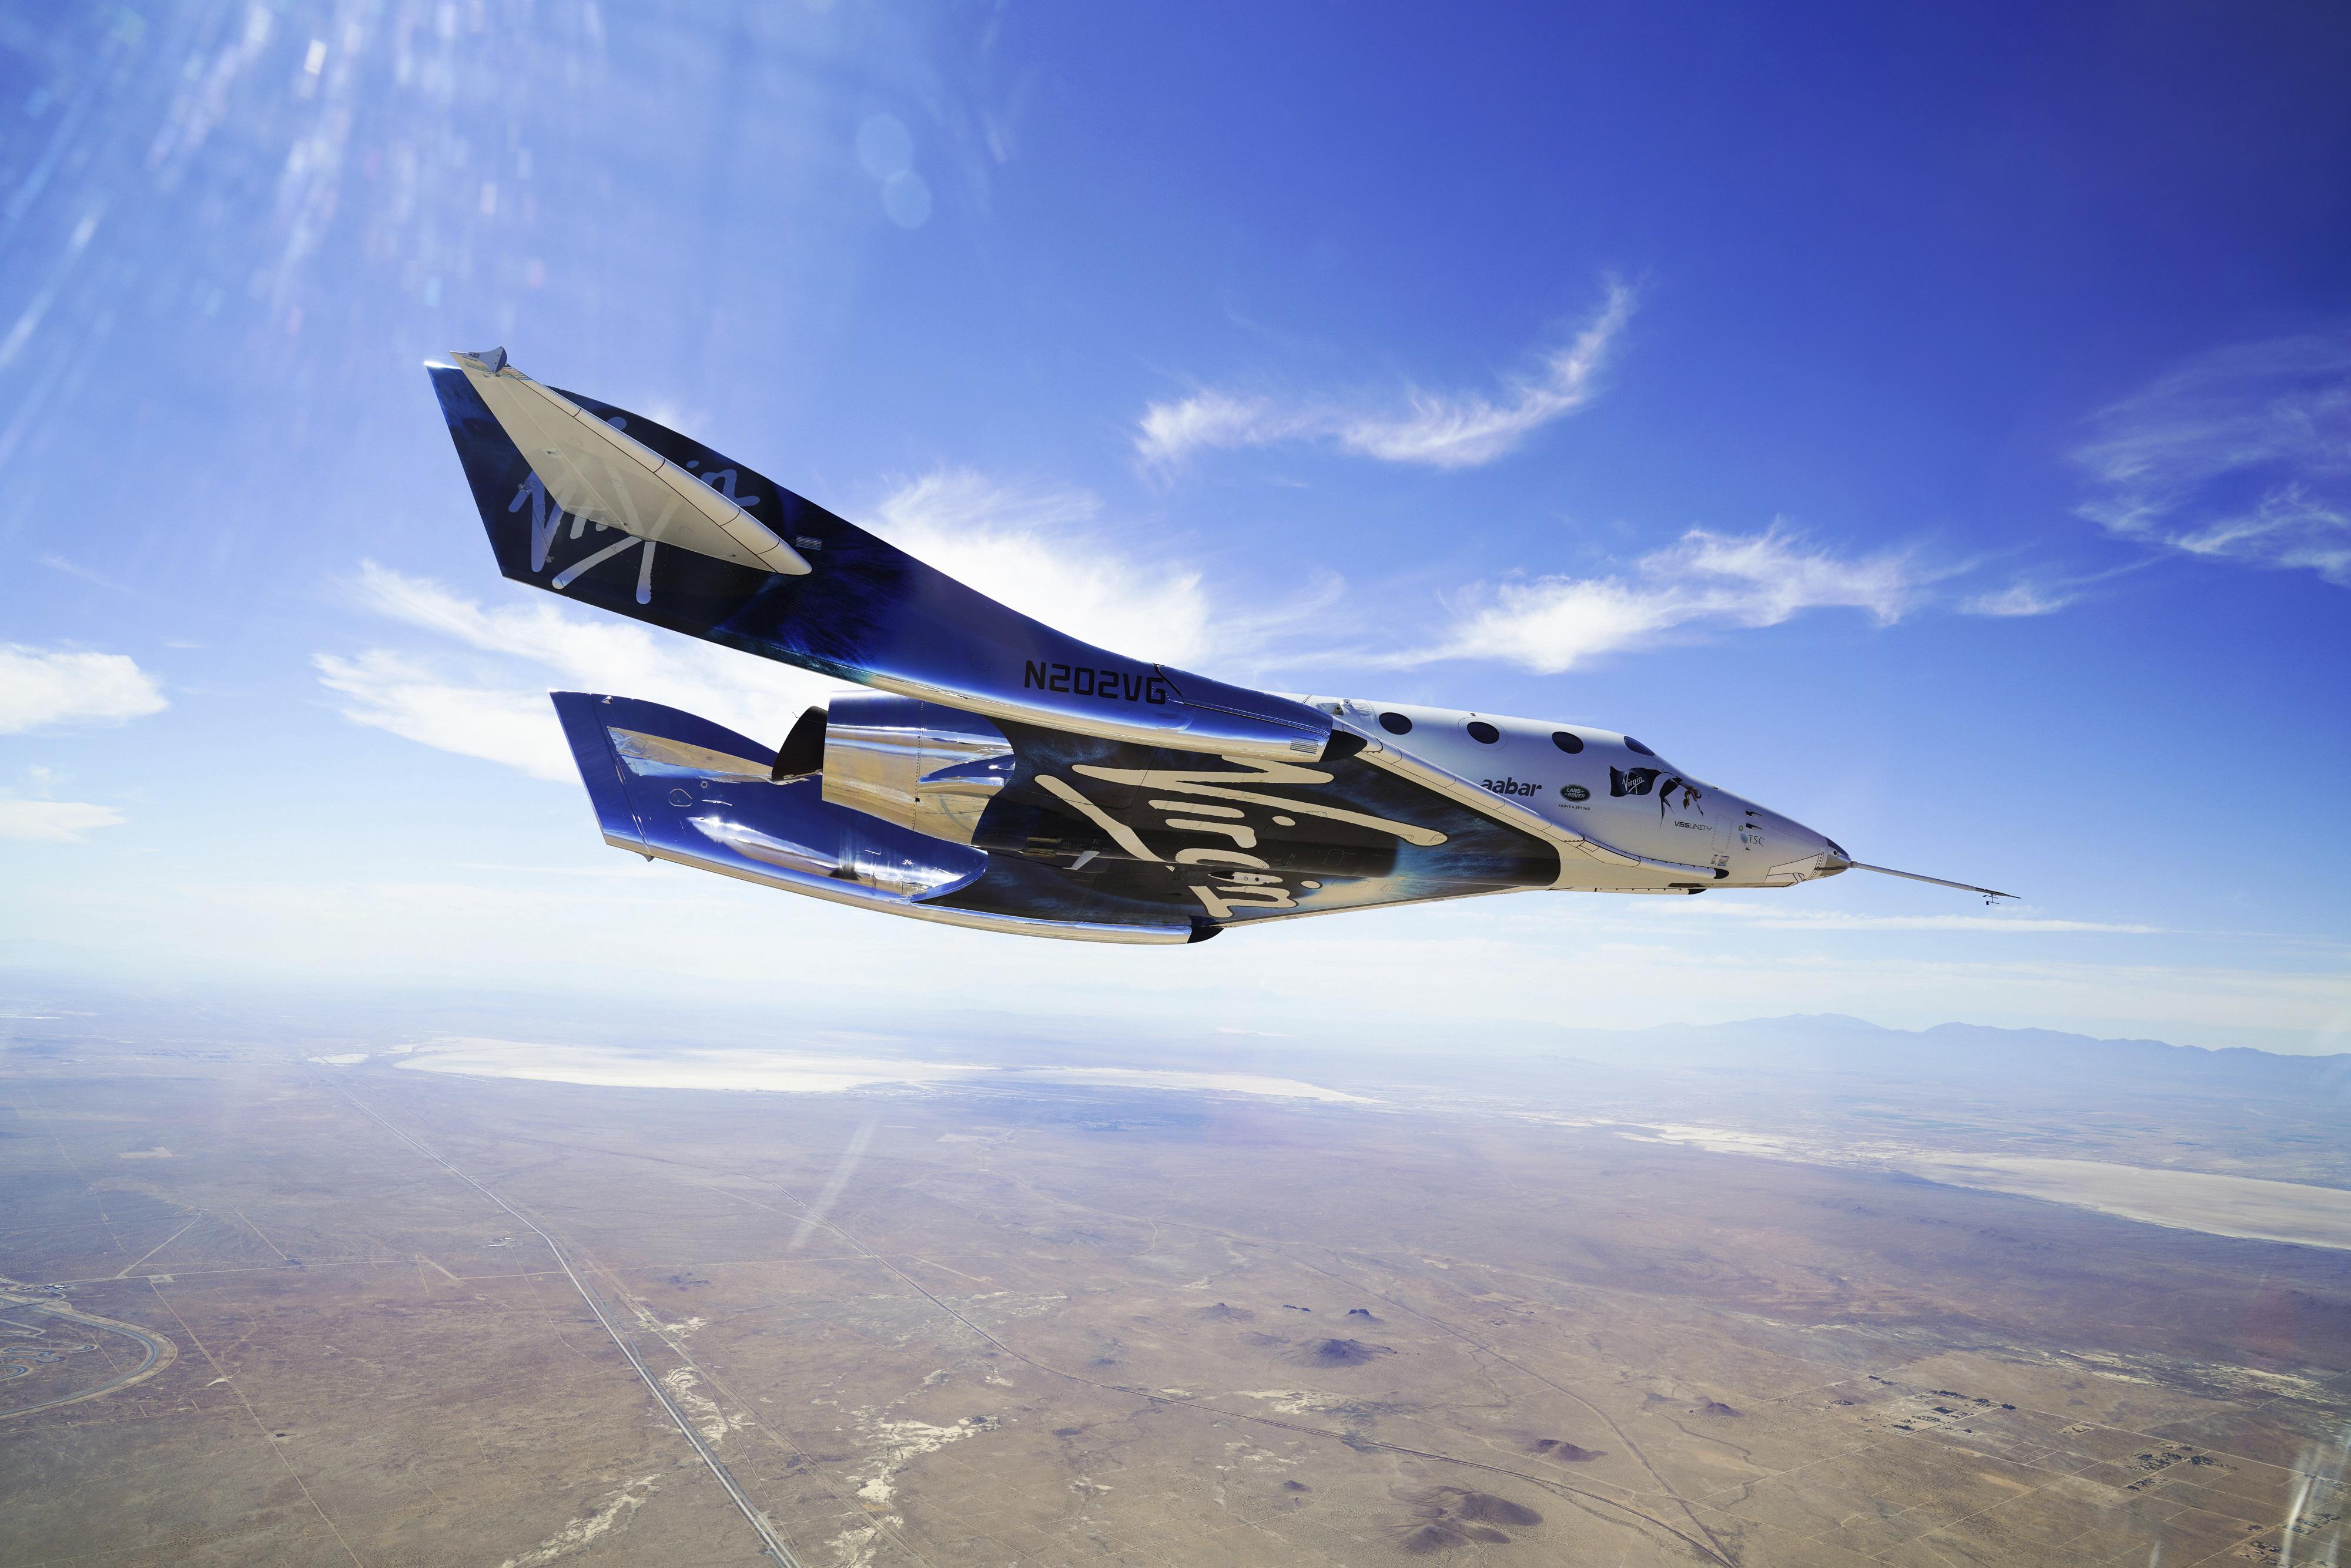 Virgin Galactic & Boeing